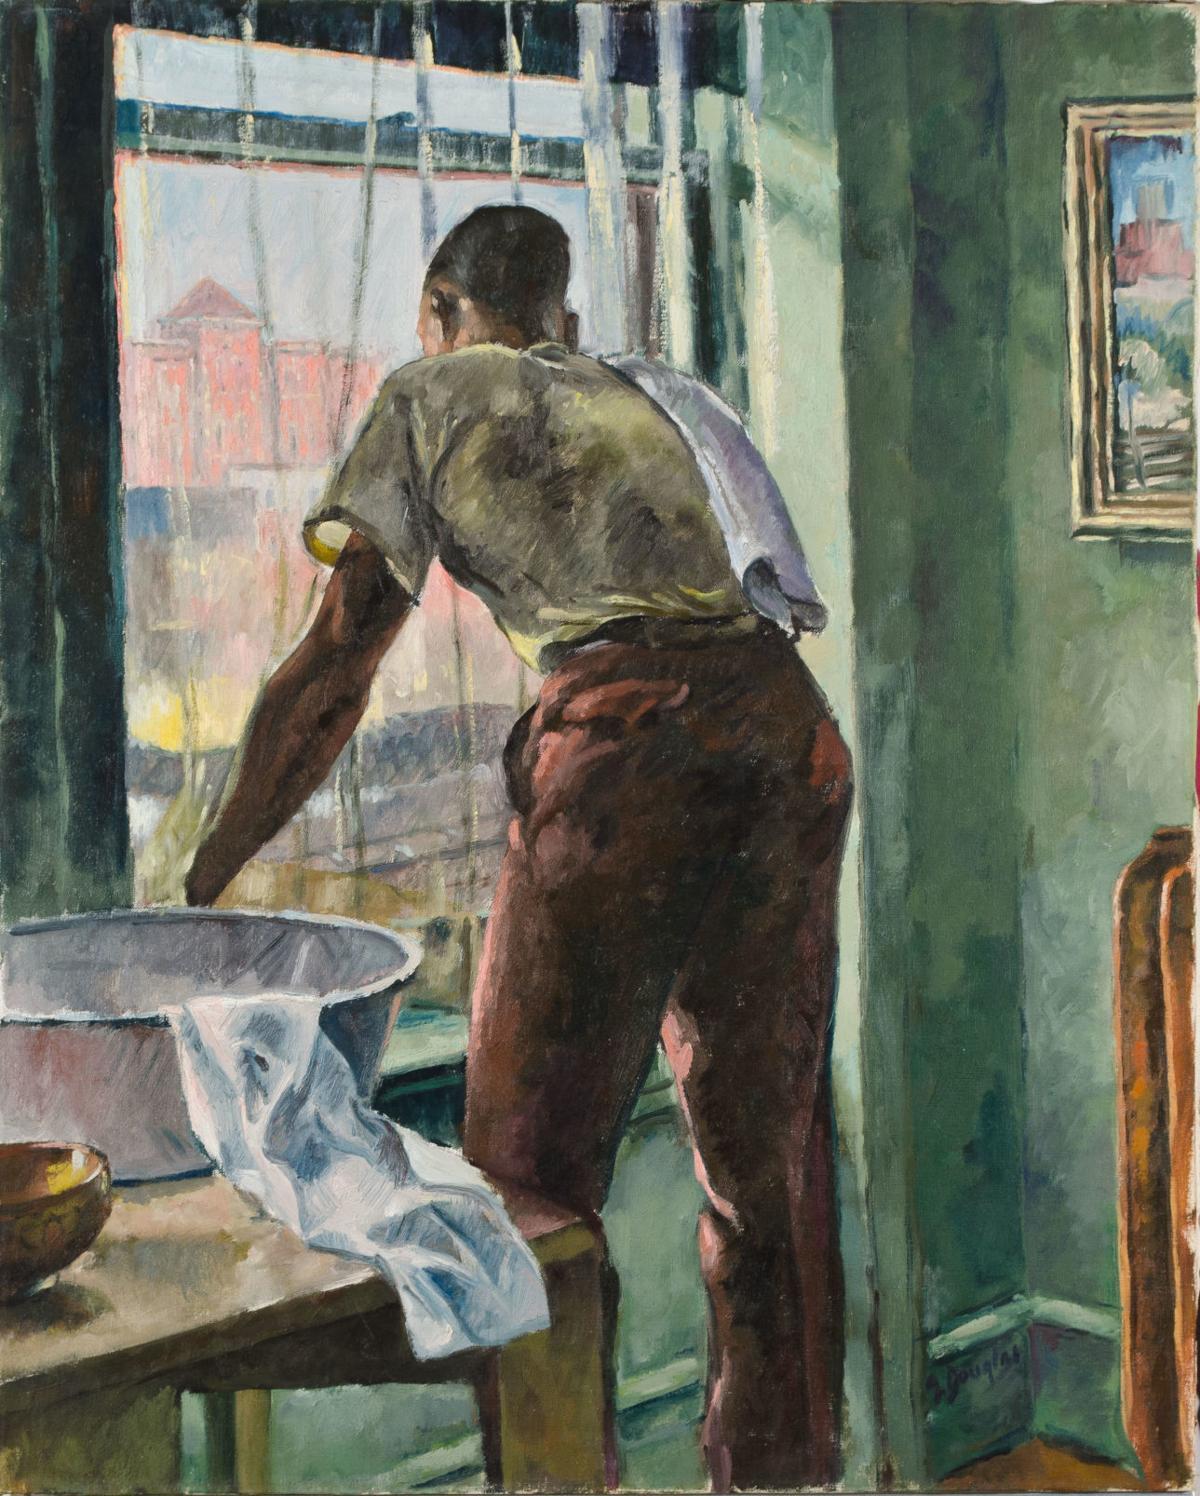 Douglas,-Window-Cleaning